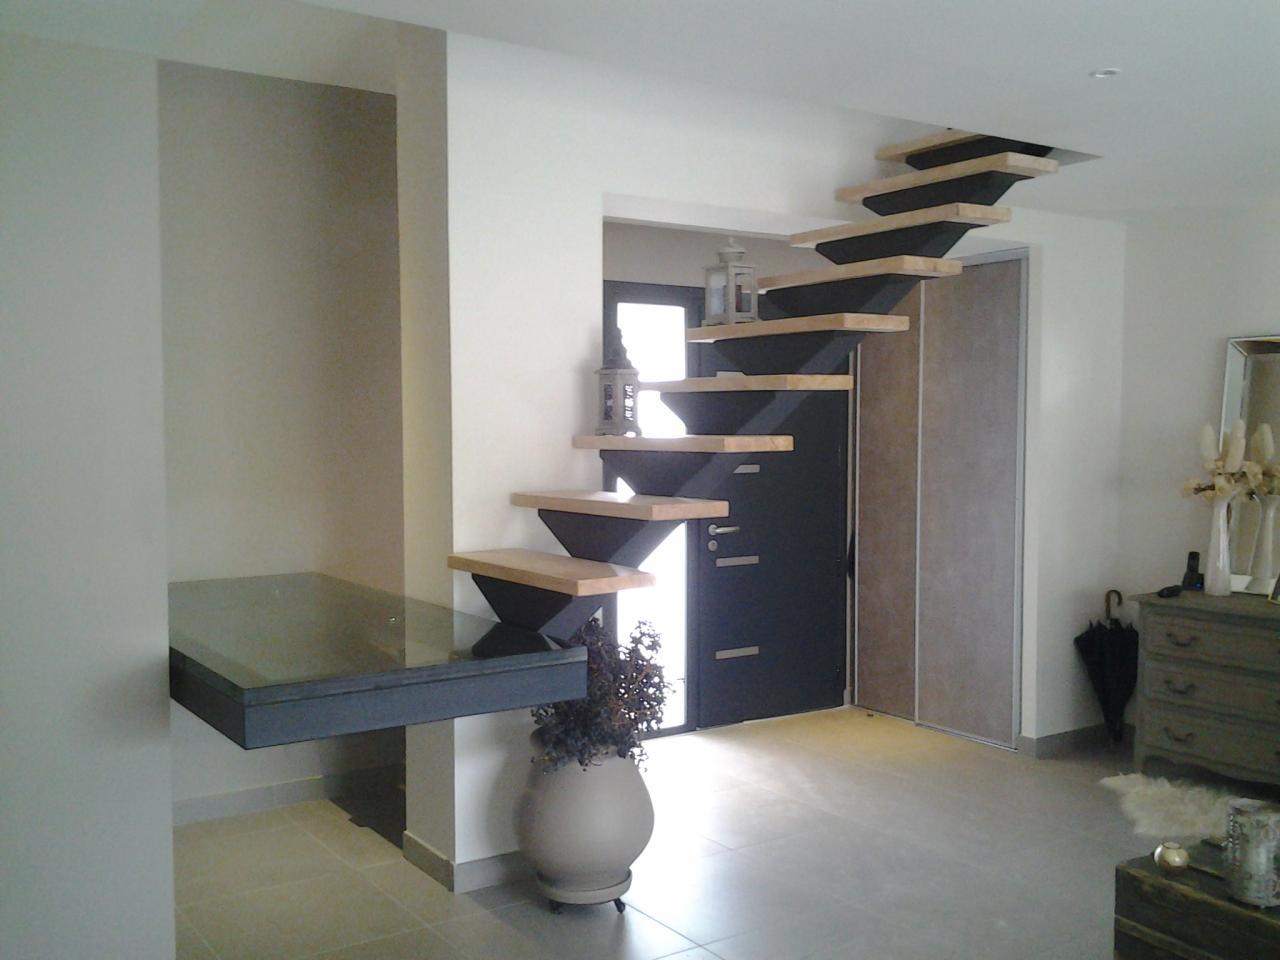 escalier flottant. Black Bedroom Furniture Sets. Home Design Ideas